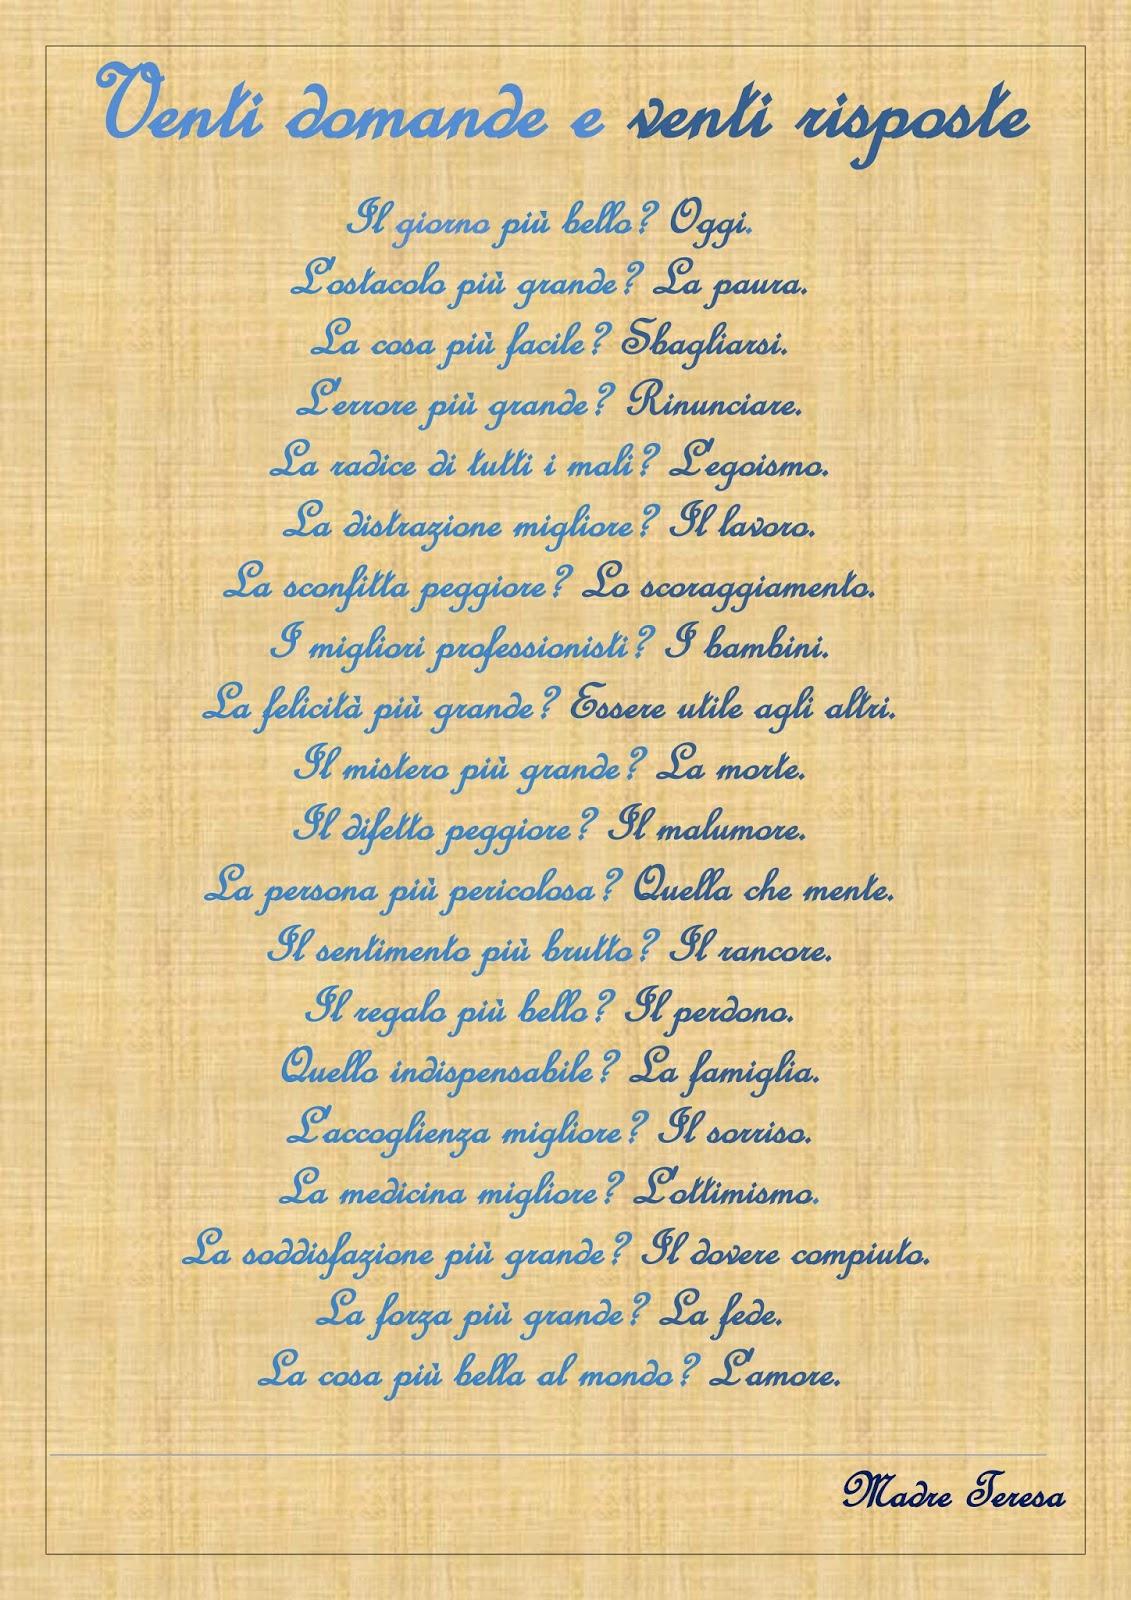 Estremamente Vita e Poesia: LA MIA INTERVISTA A MADRE TERESA AY65